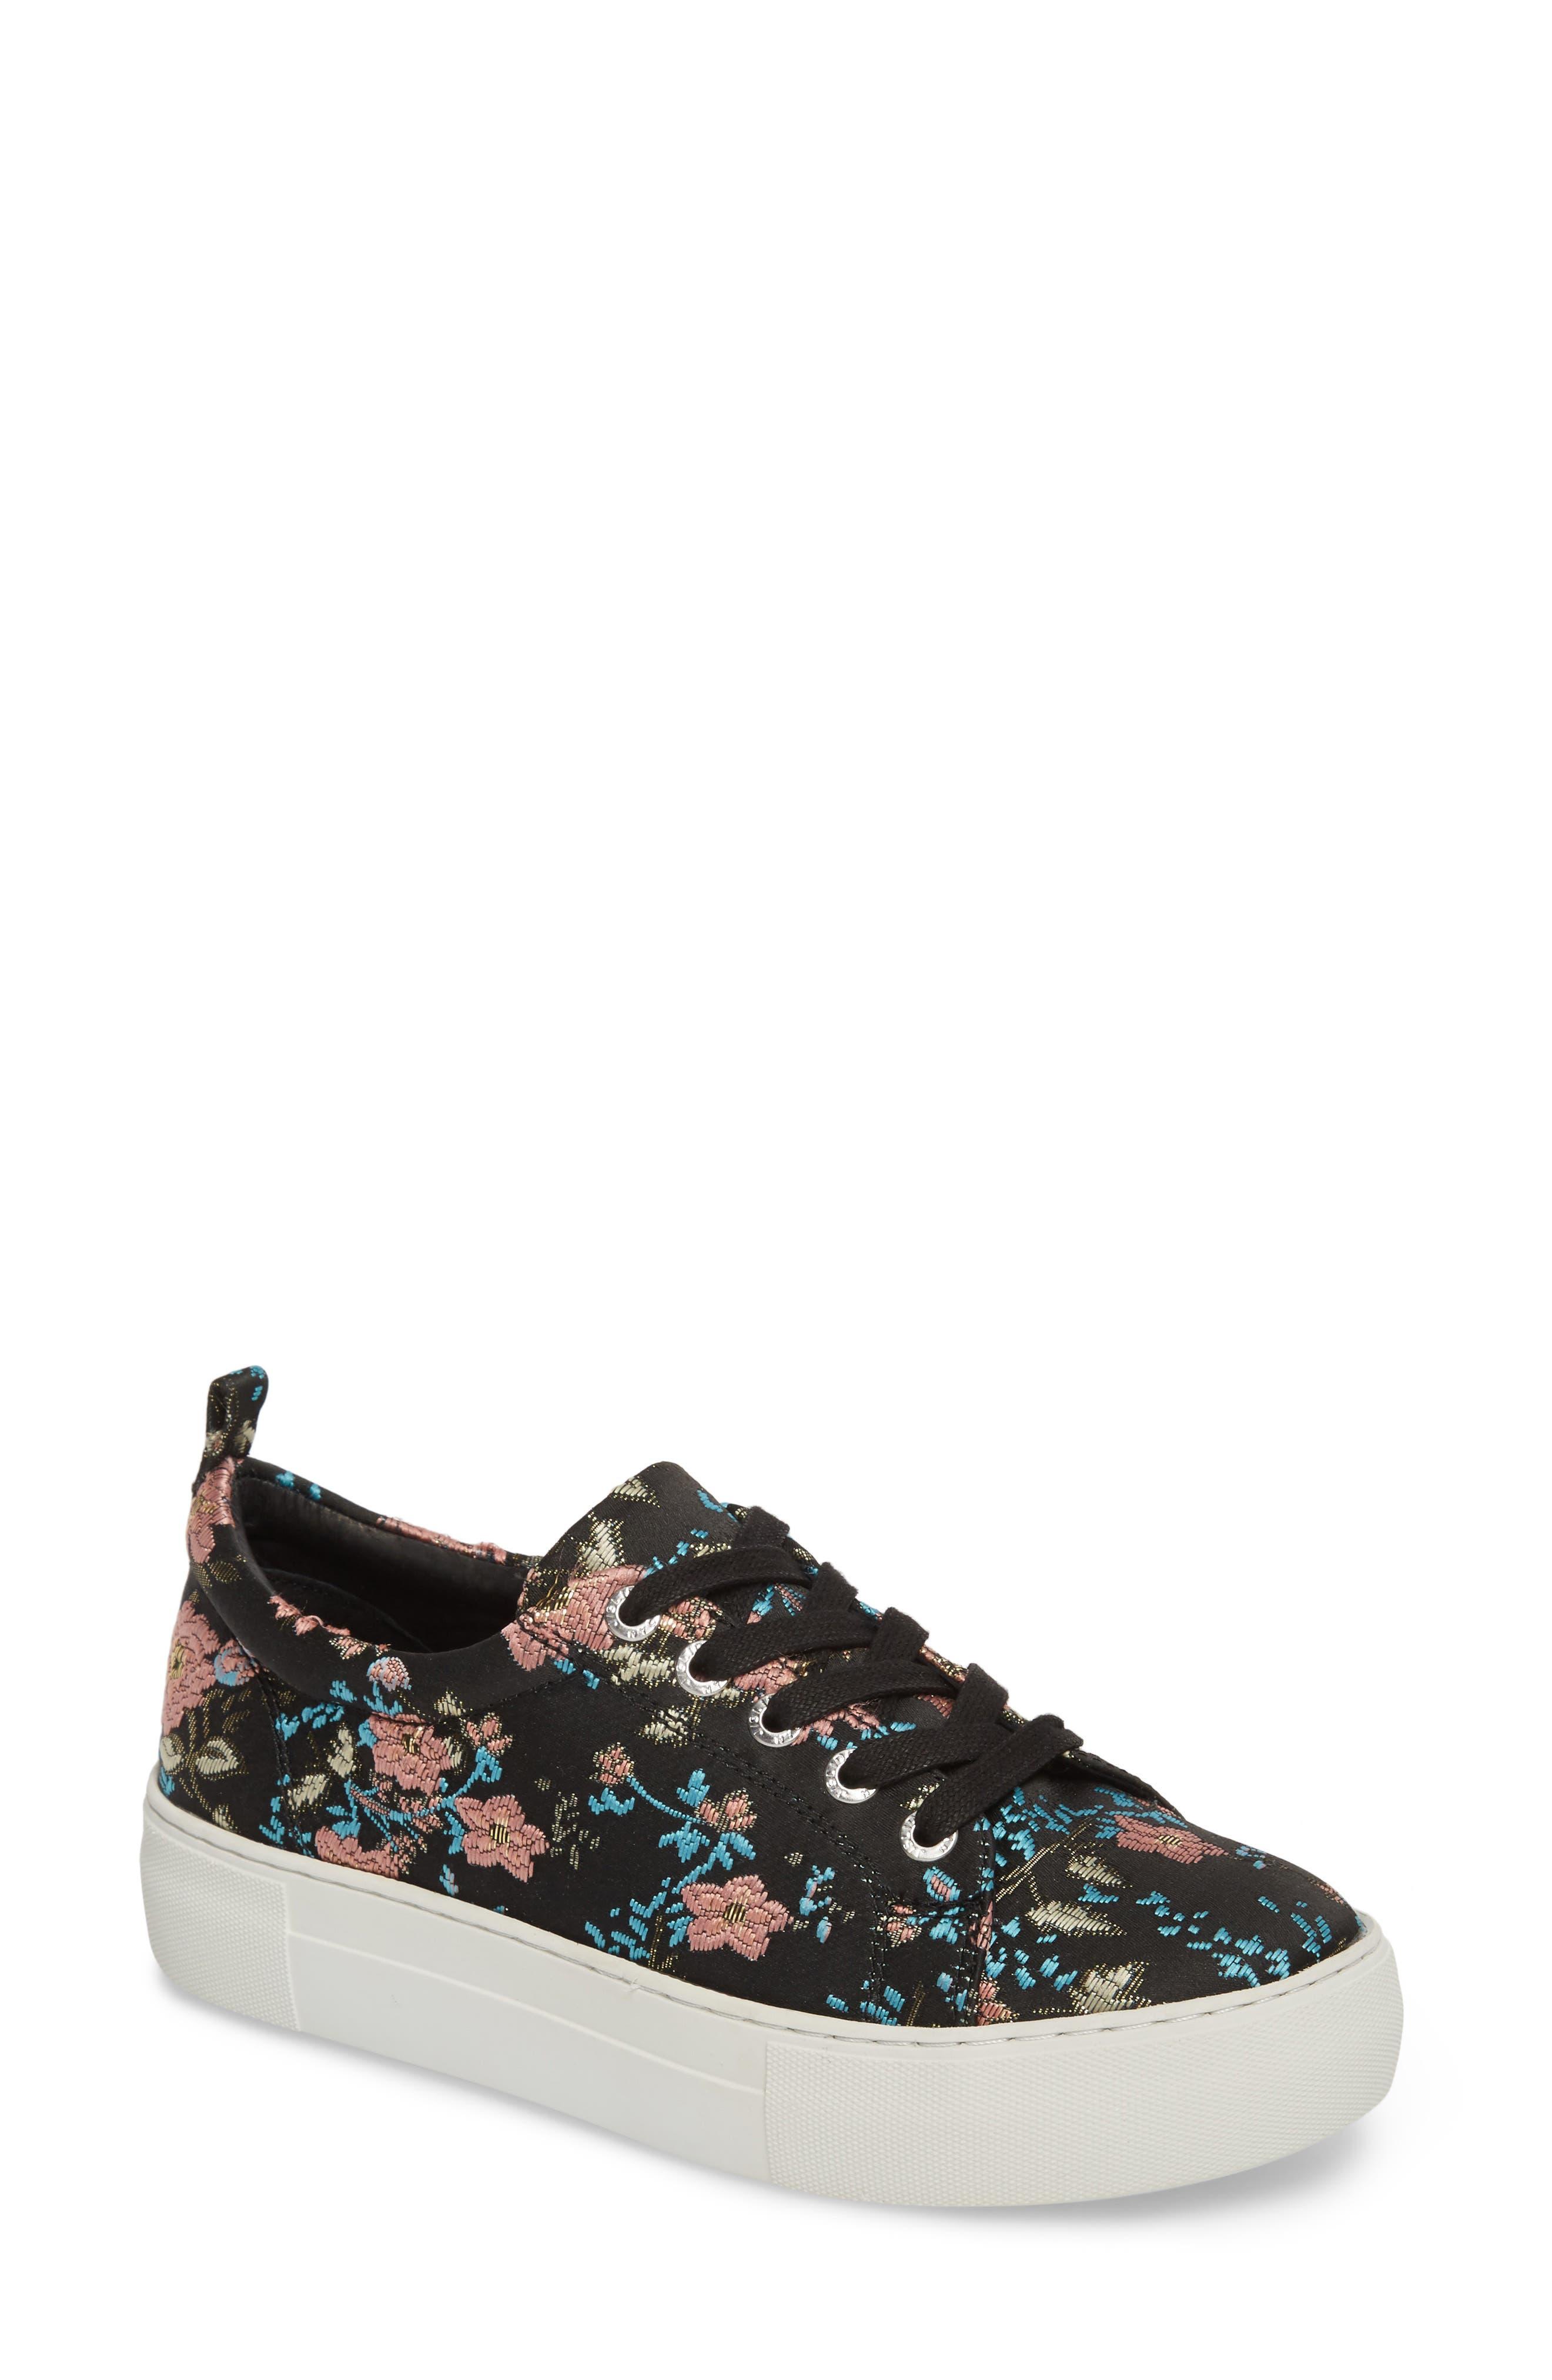 Main Image - JSlides Assure Embroidered Platform Sneaker (Women)